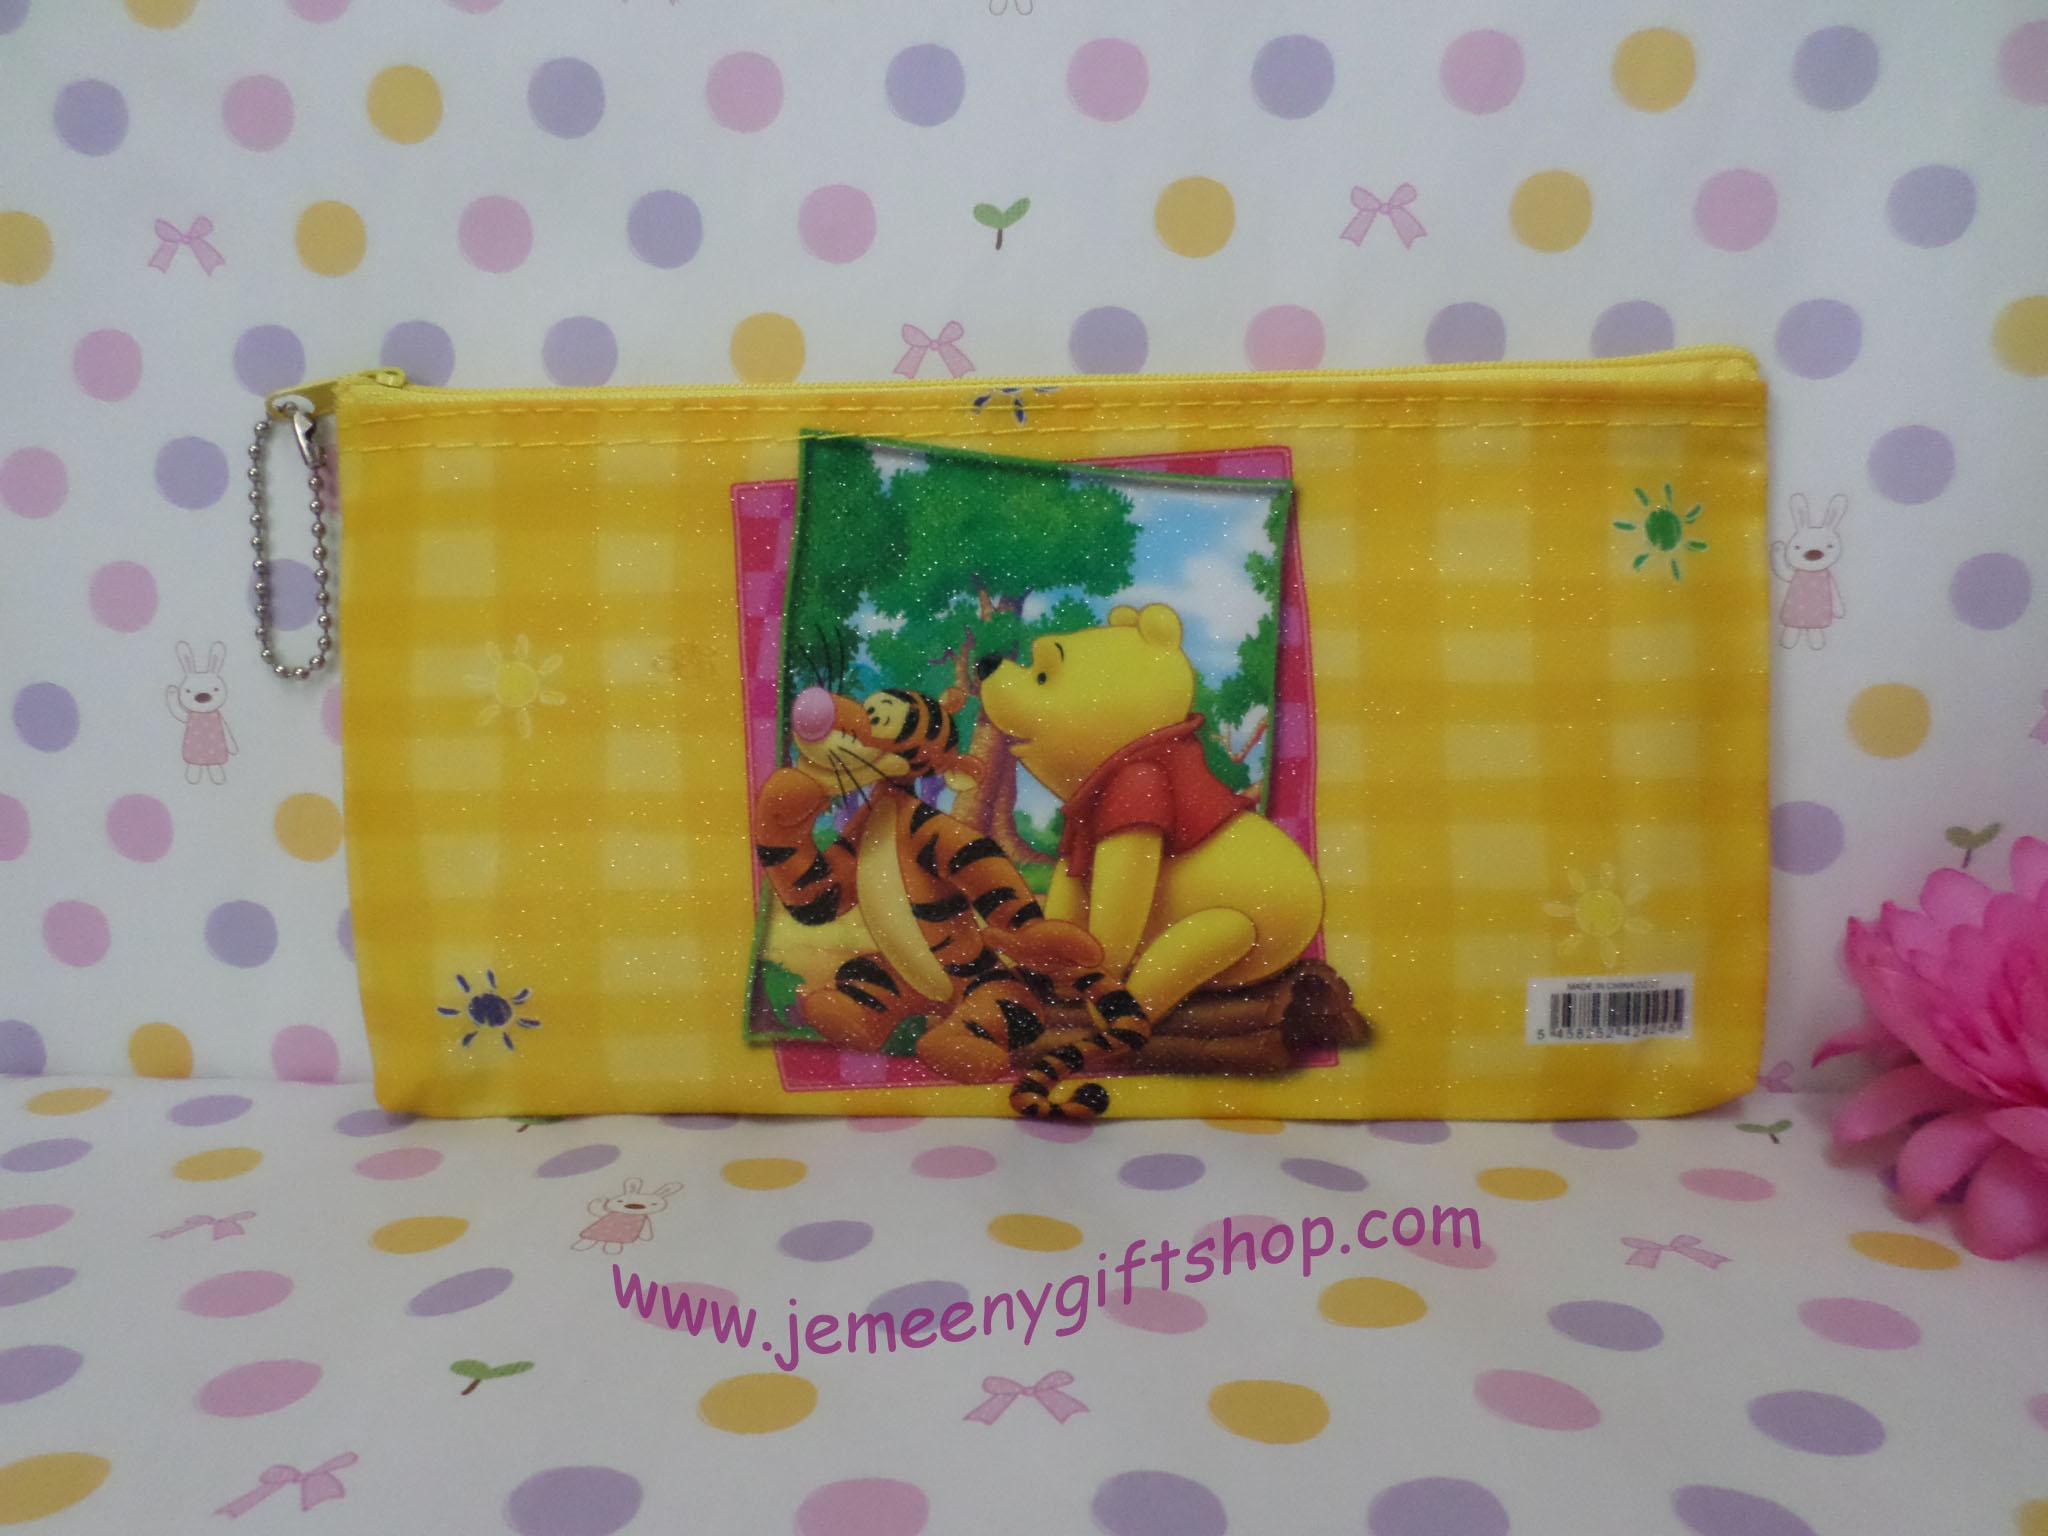 กระเป๋าใส่ดินสอปากกา หมีพูห์และเพื่อน Pooh ขนาดยาว 21 ซม.* สูง 11 ซม. ลายหมีพูห์ สีเหลือง